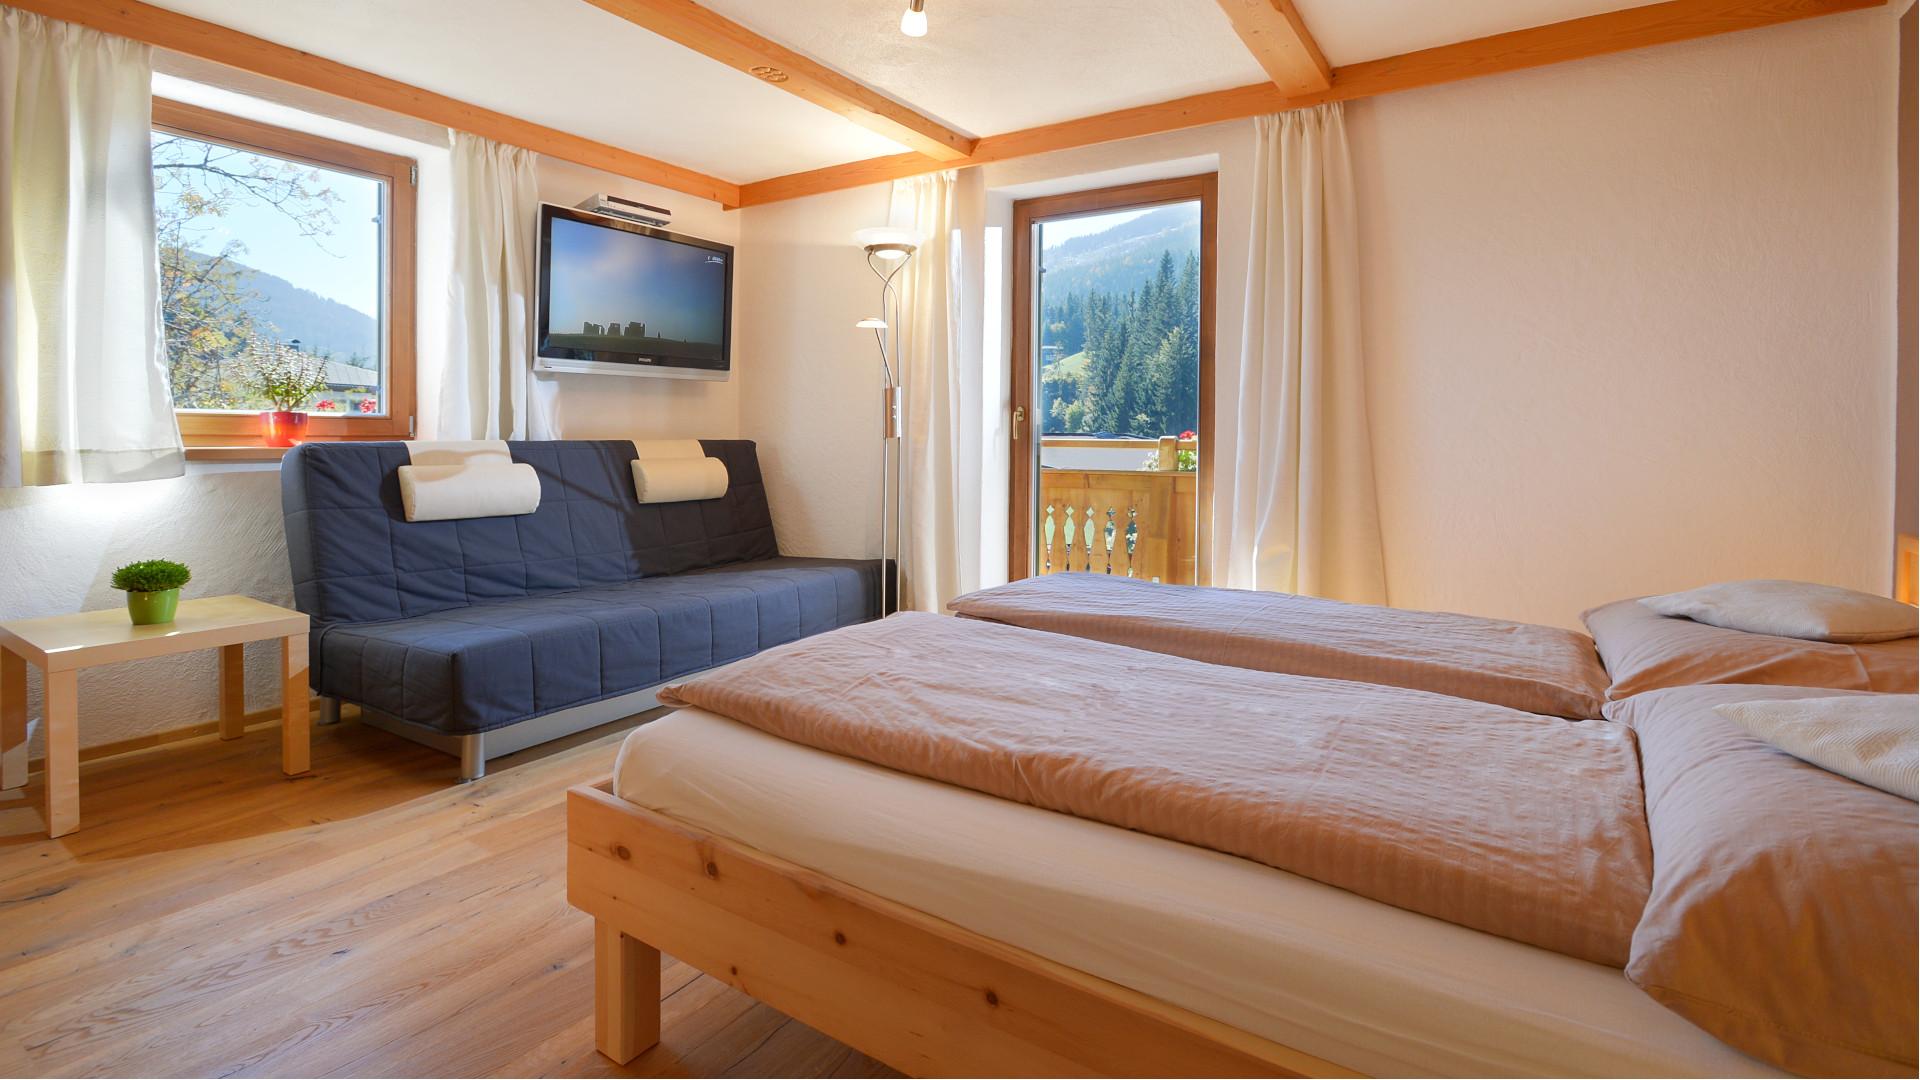 Hartkaiser Schlafzimmer 3 1920x1080